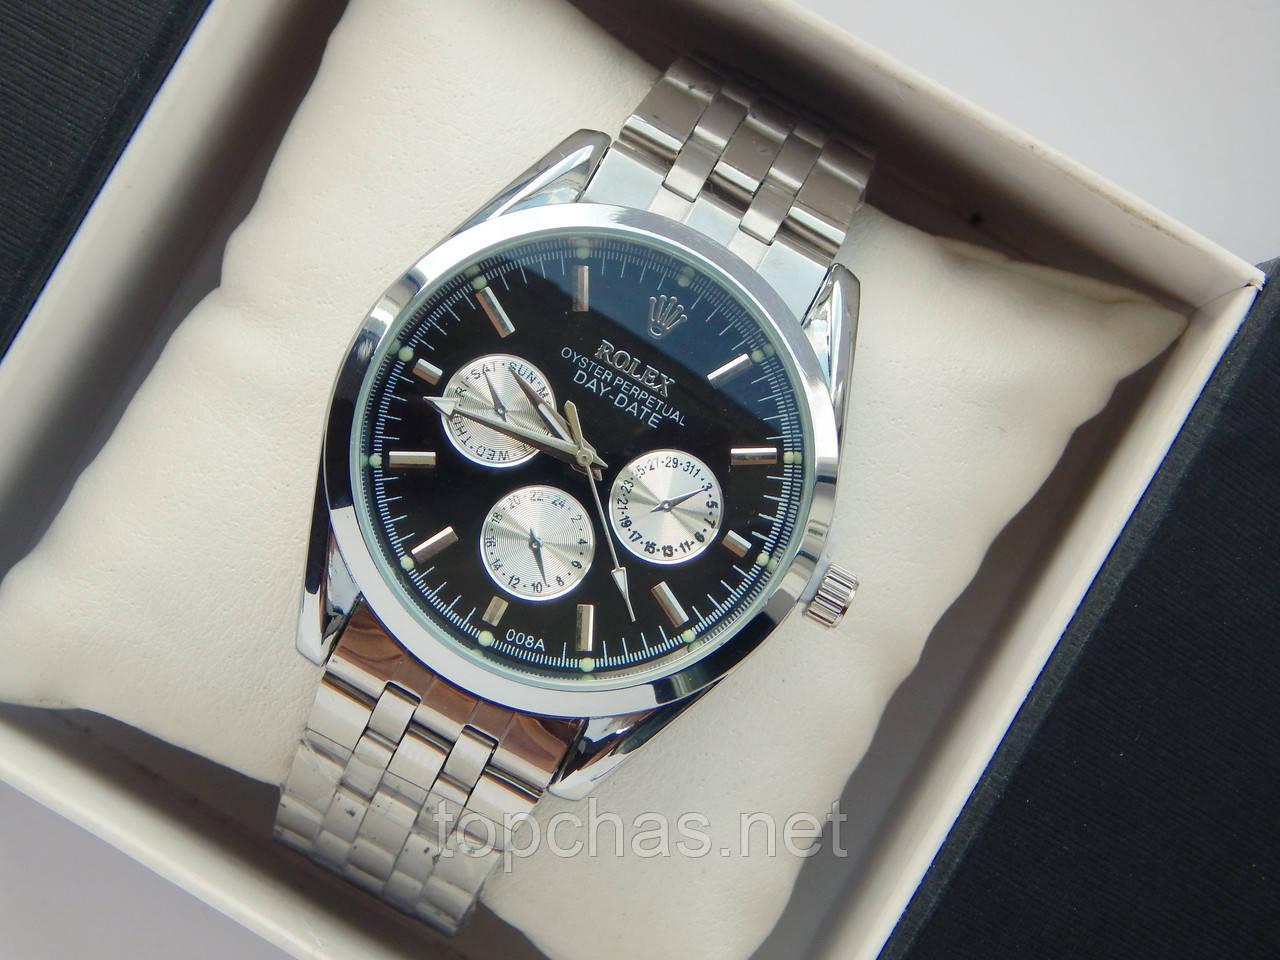 Мужские кварцевые наручные часы Rolex на металлическом ремешке, фото 1